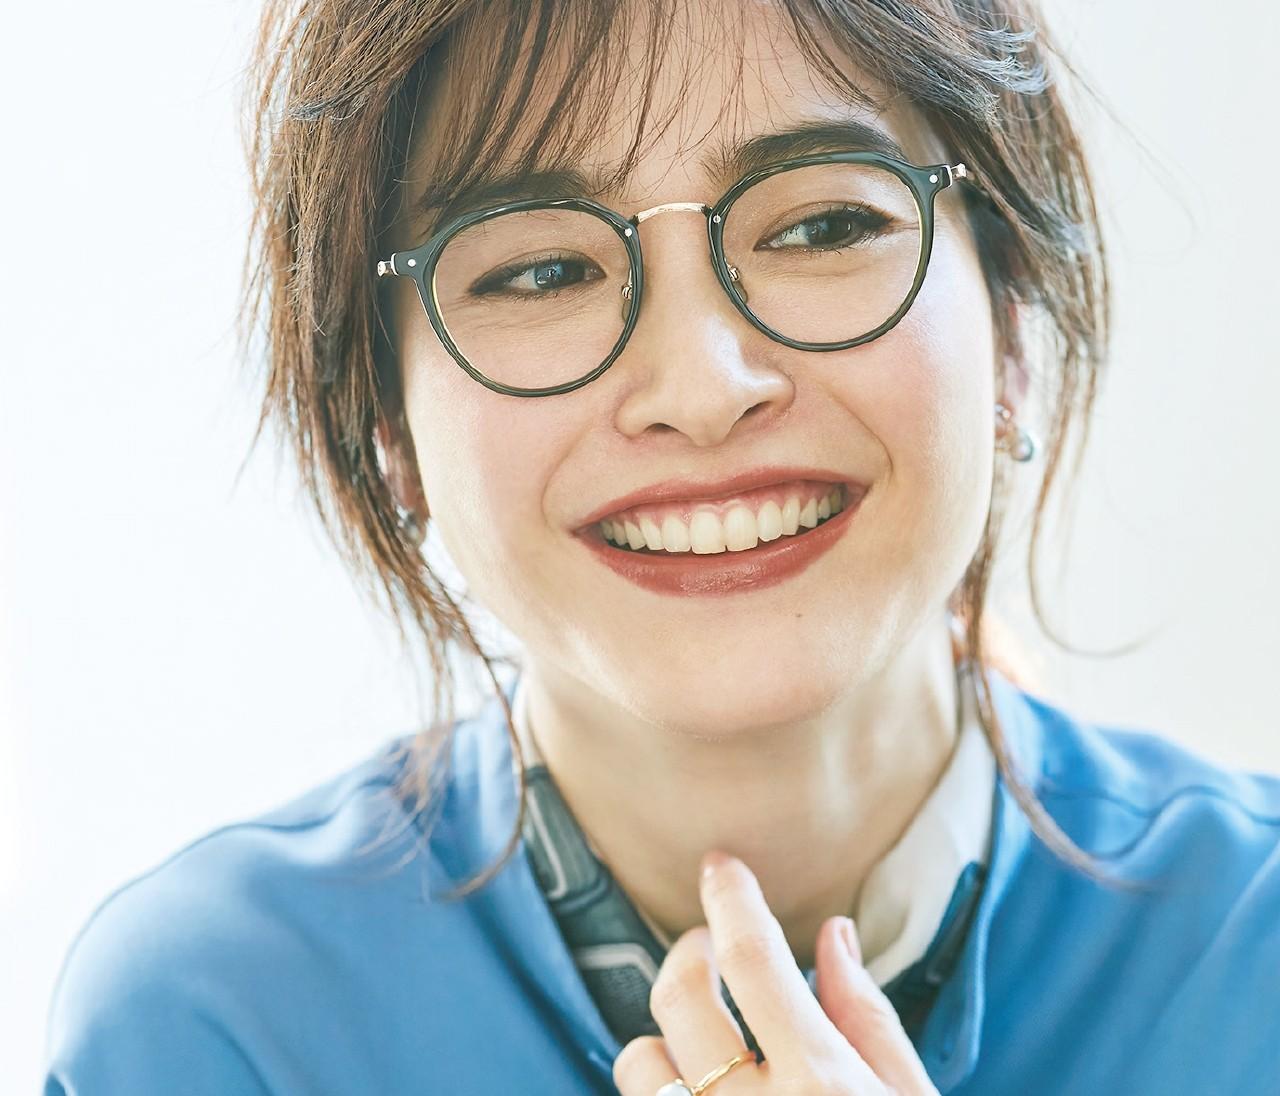 【美人メガネ】大人顔タイプのおすすめは「大きめサイズ」